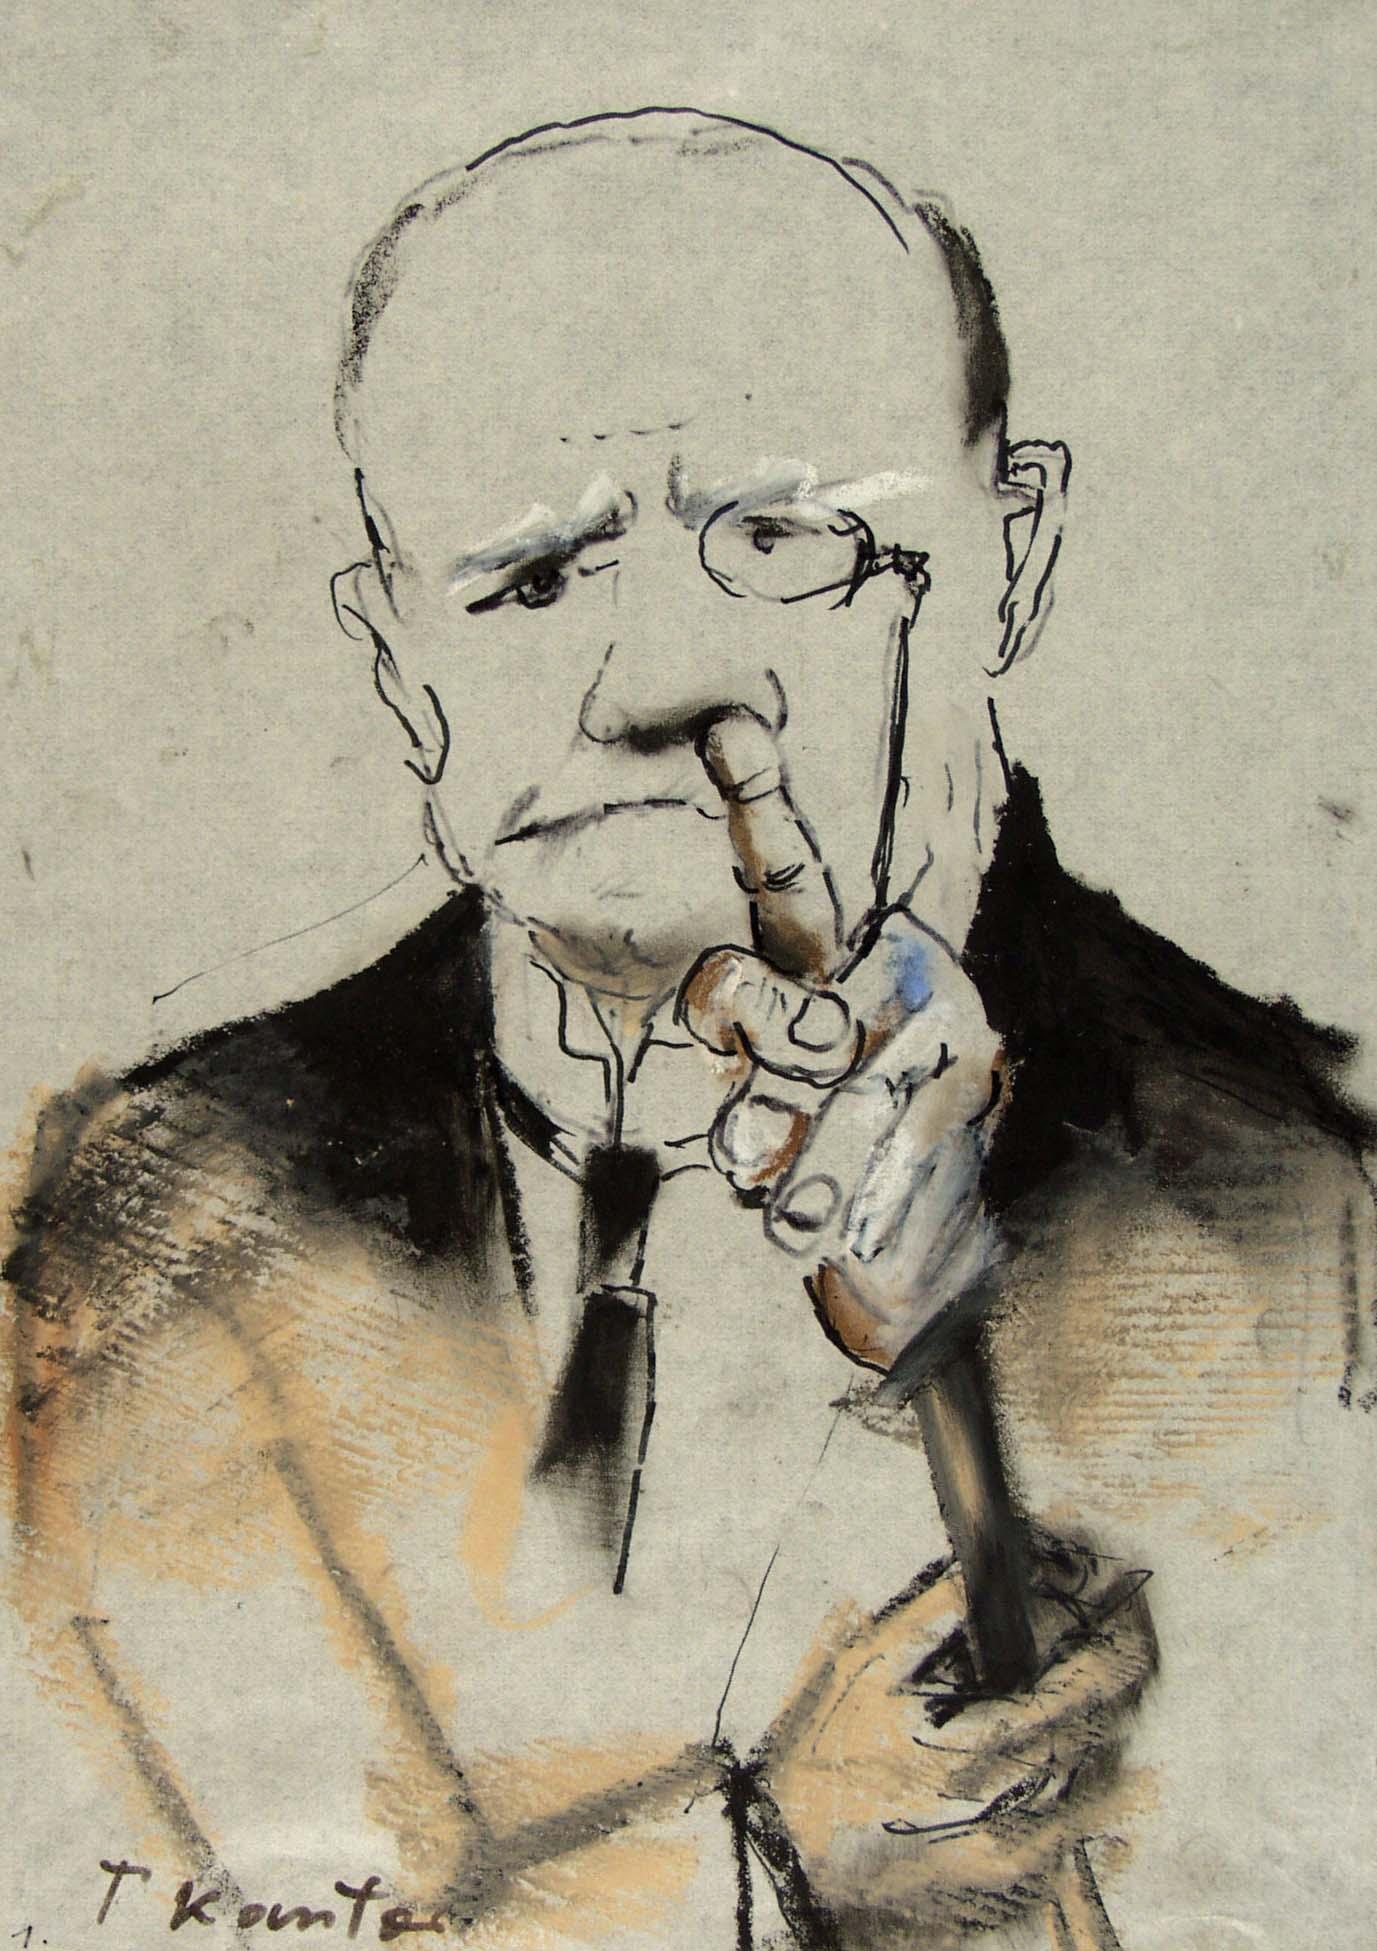 """Bez tytułu, z serii: """"Ci poważni panowie"""" [1983] pastel, flamaster, akryl, papier naklejony na karton, 30x21 sygn.l.d.: T. Kantor (źródło: materiały prasowe organizatora)"""